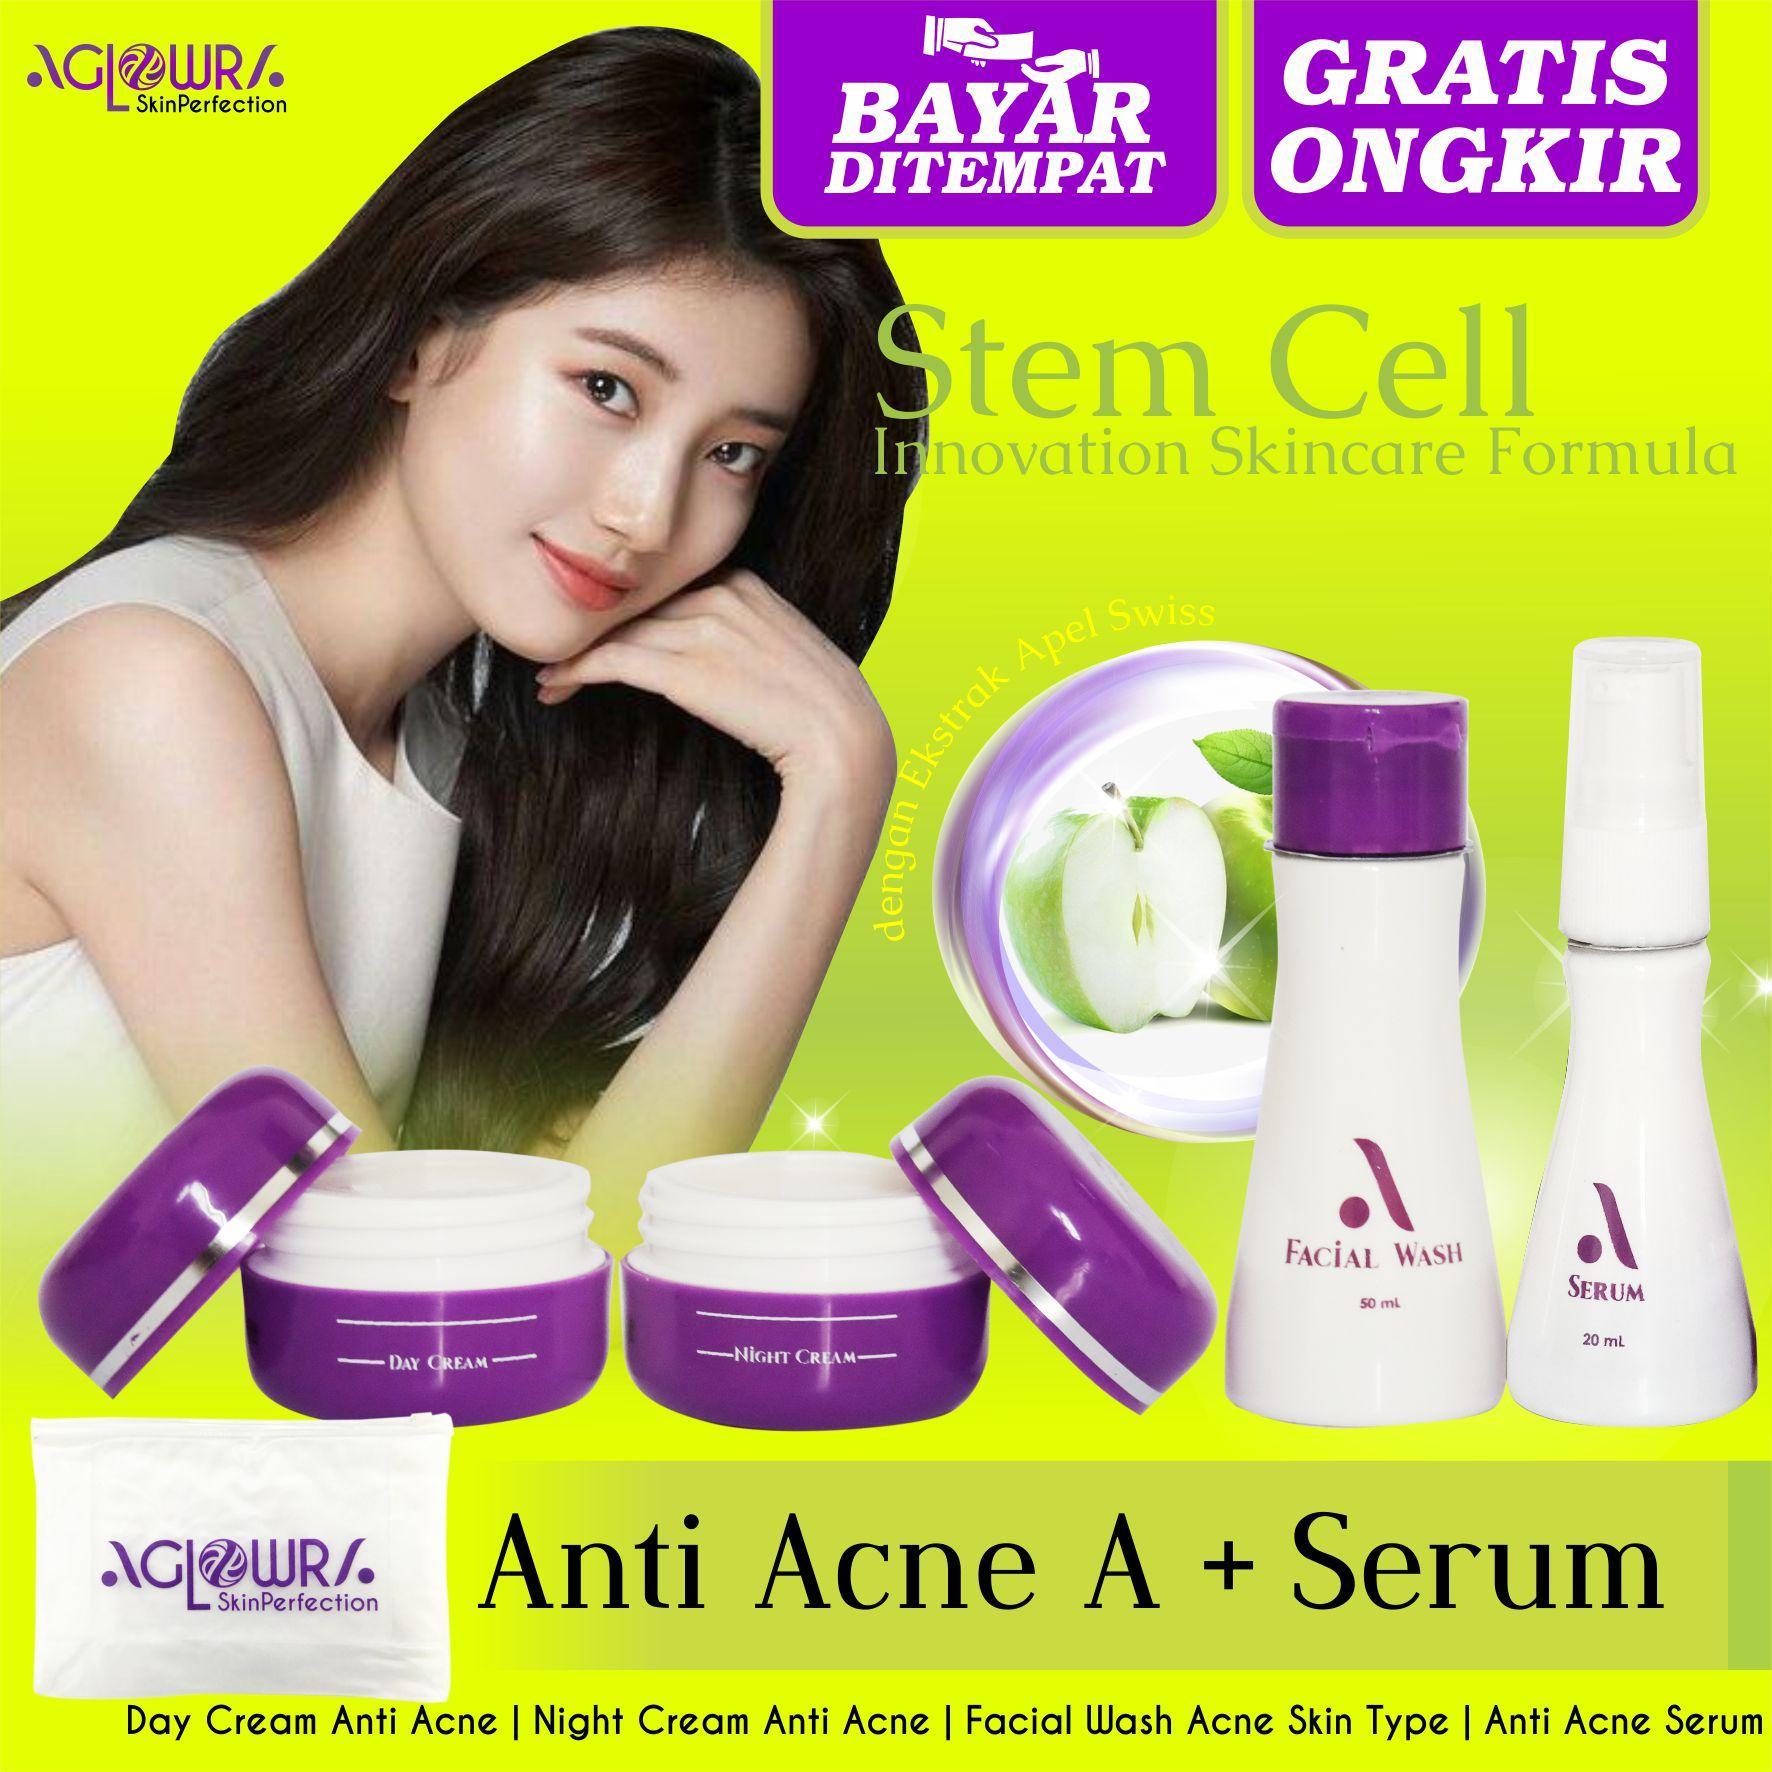 AGLOWRA Paket Anti Acne A with Serum - Obat Jerawat - 2 Cream, 1 Serum dan 1 Facial Wash - Cream Jerawat Yang Mampu Menghilangkan Jerawat dan Bekas Jerawat - Terbukti Nyata Hasilnya - BPOM